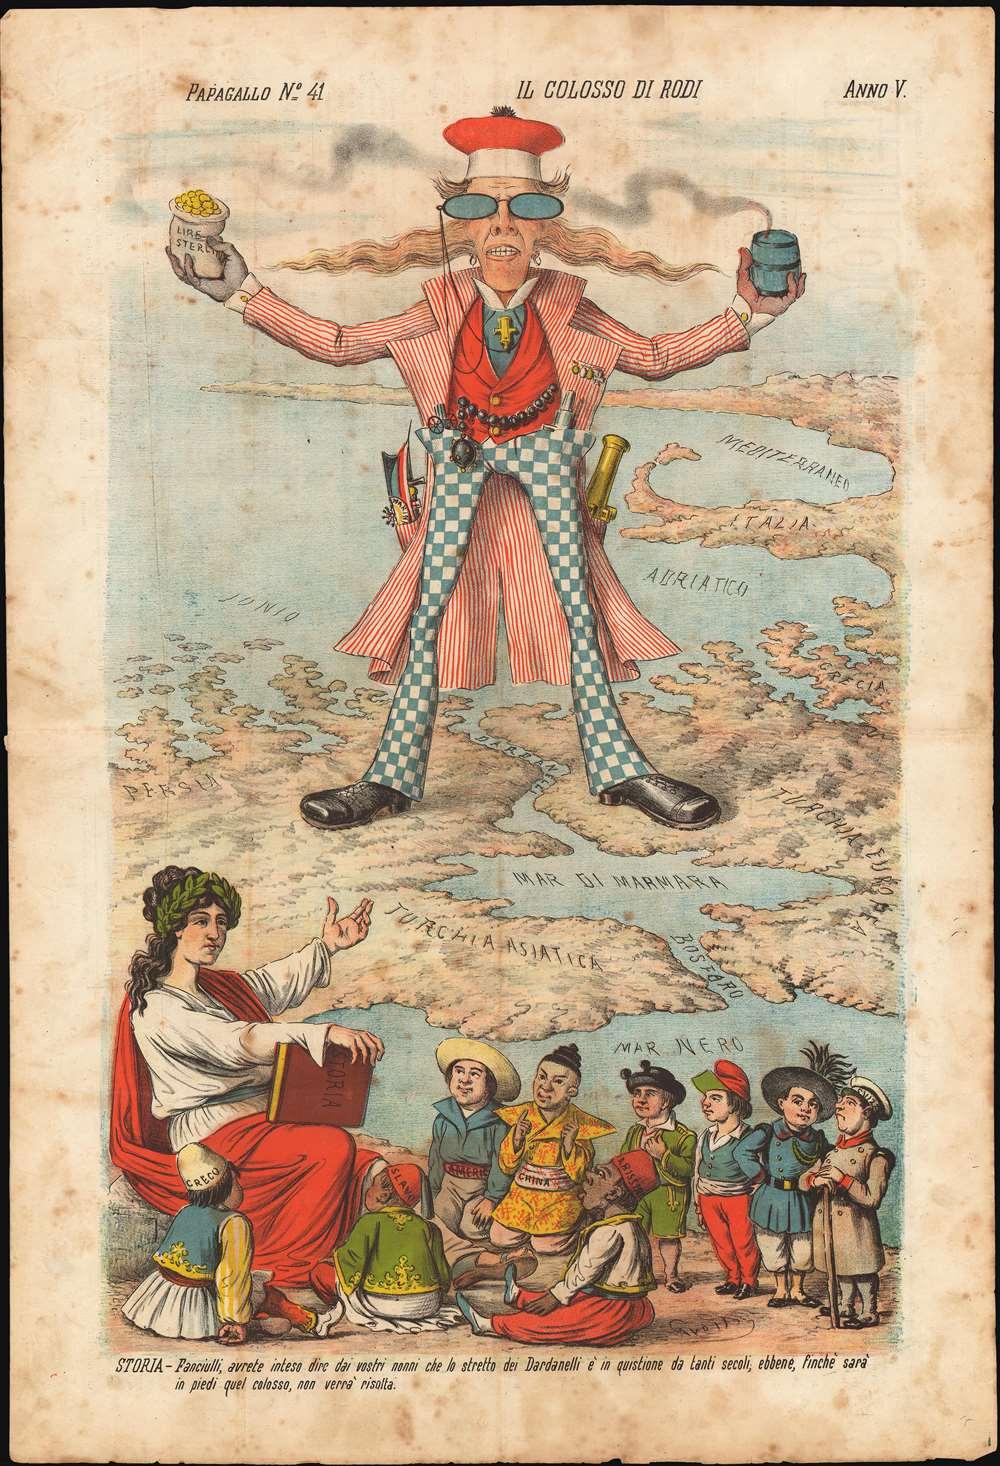 Il Colosso di Rodi. Papagallo. No. 41.  Anno V.